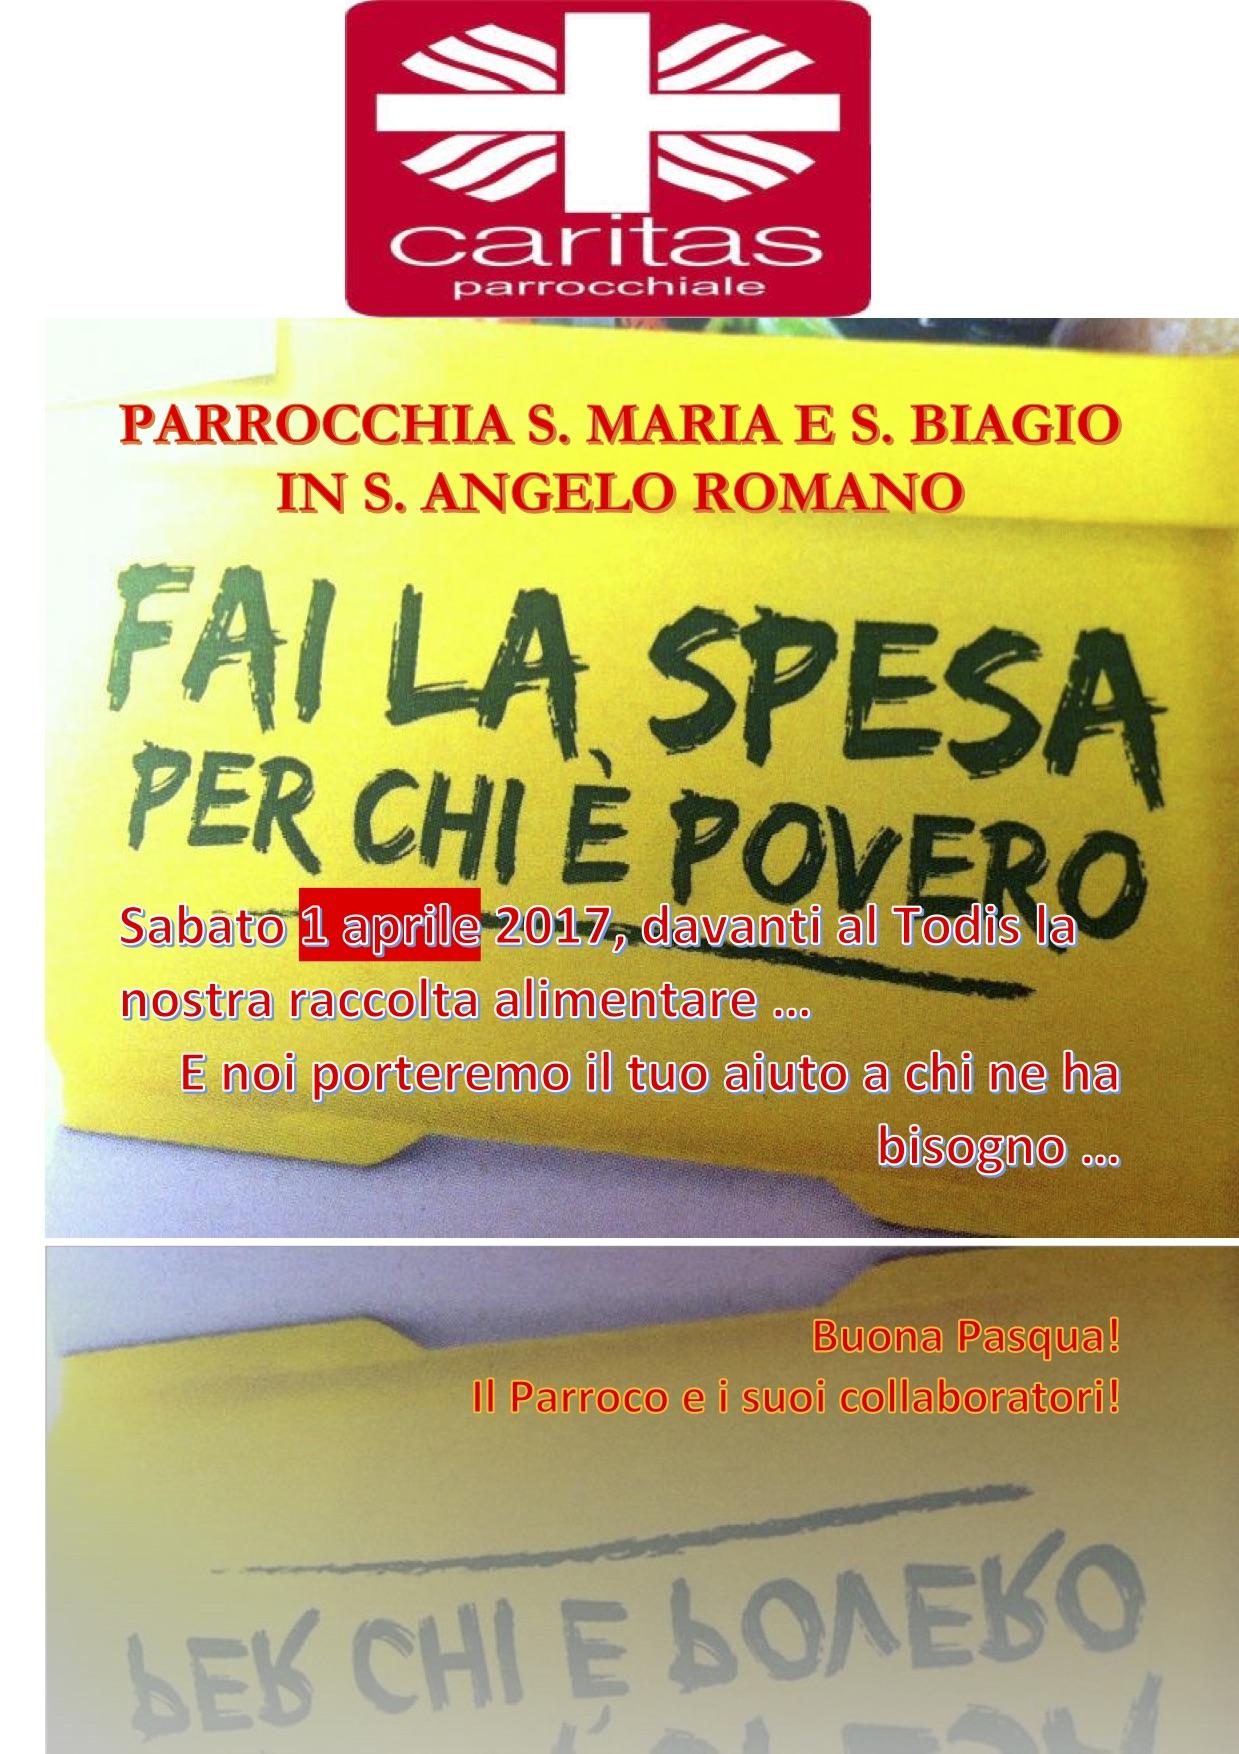 PARROCCHIA S